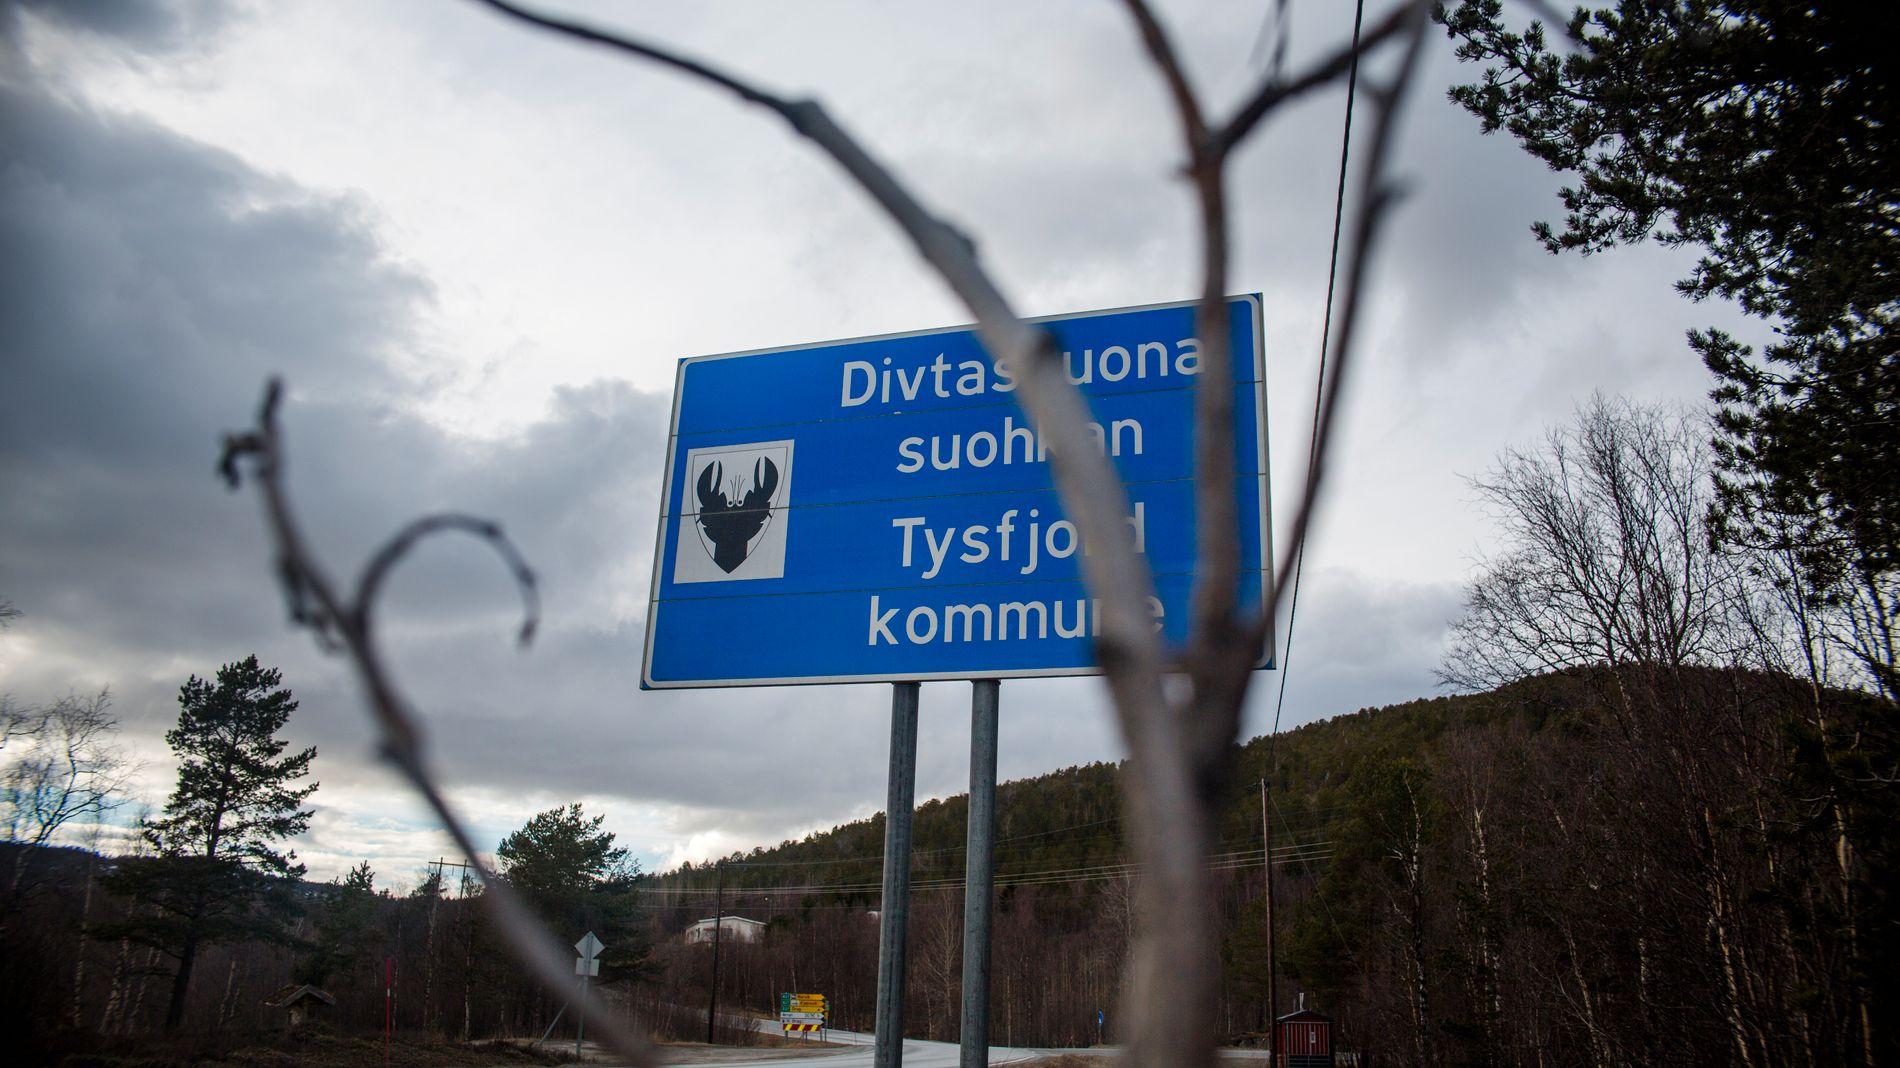 TYSFJORD-SAKEN: Til VG Helg forteller 11 voksne om overgrep til skal ha bli utsatt for av til sammen 30 gjerningsmenn.